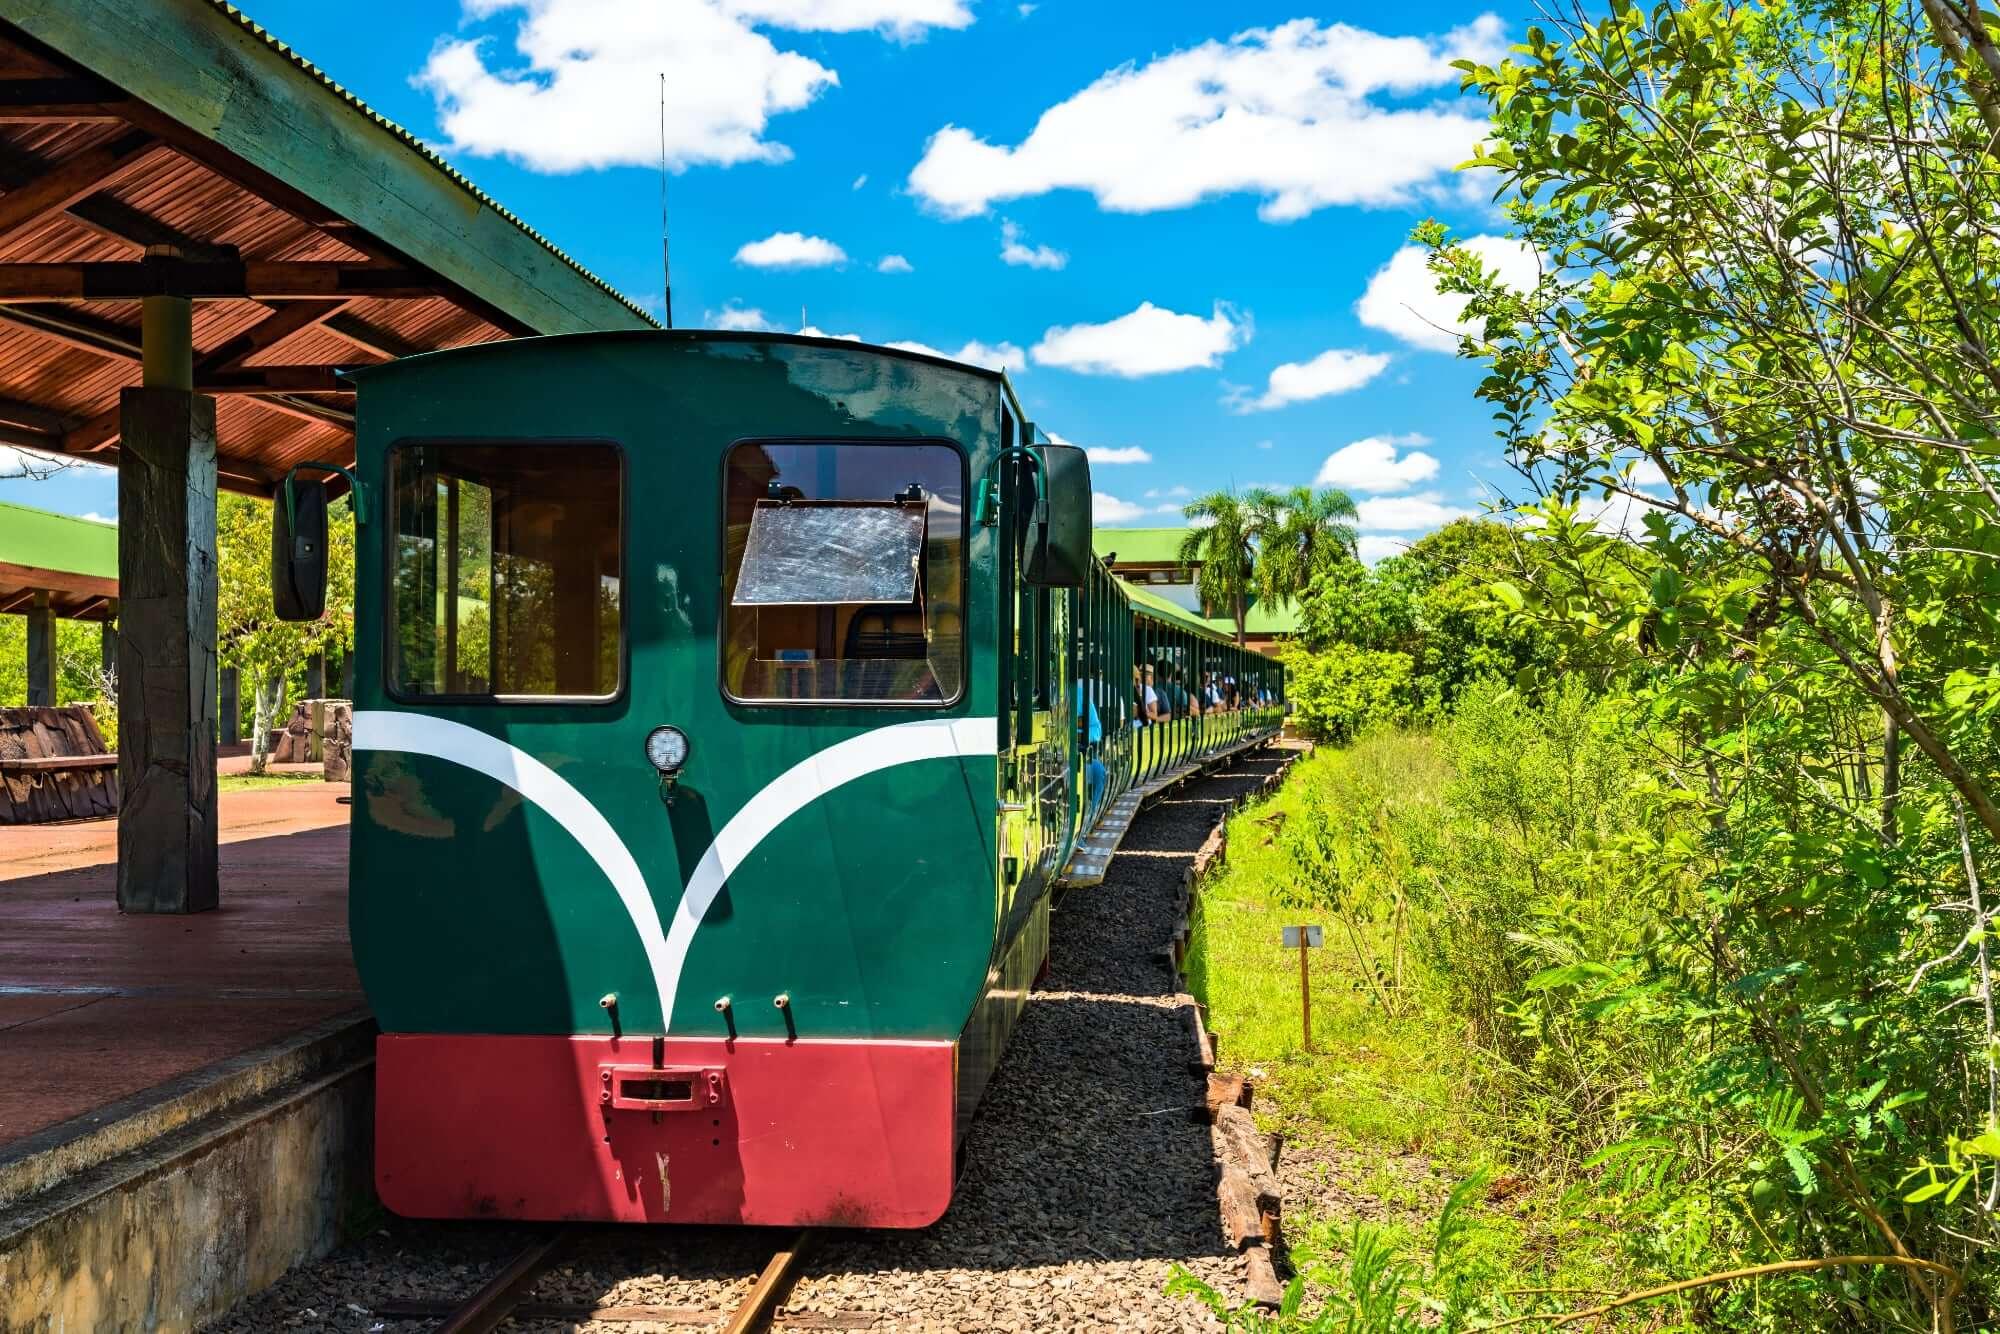 Jungel Train Iguazu